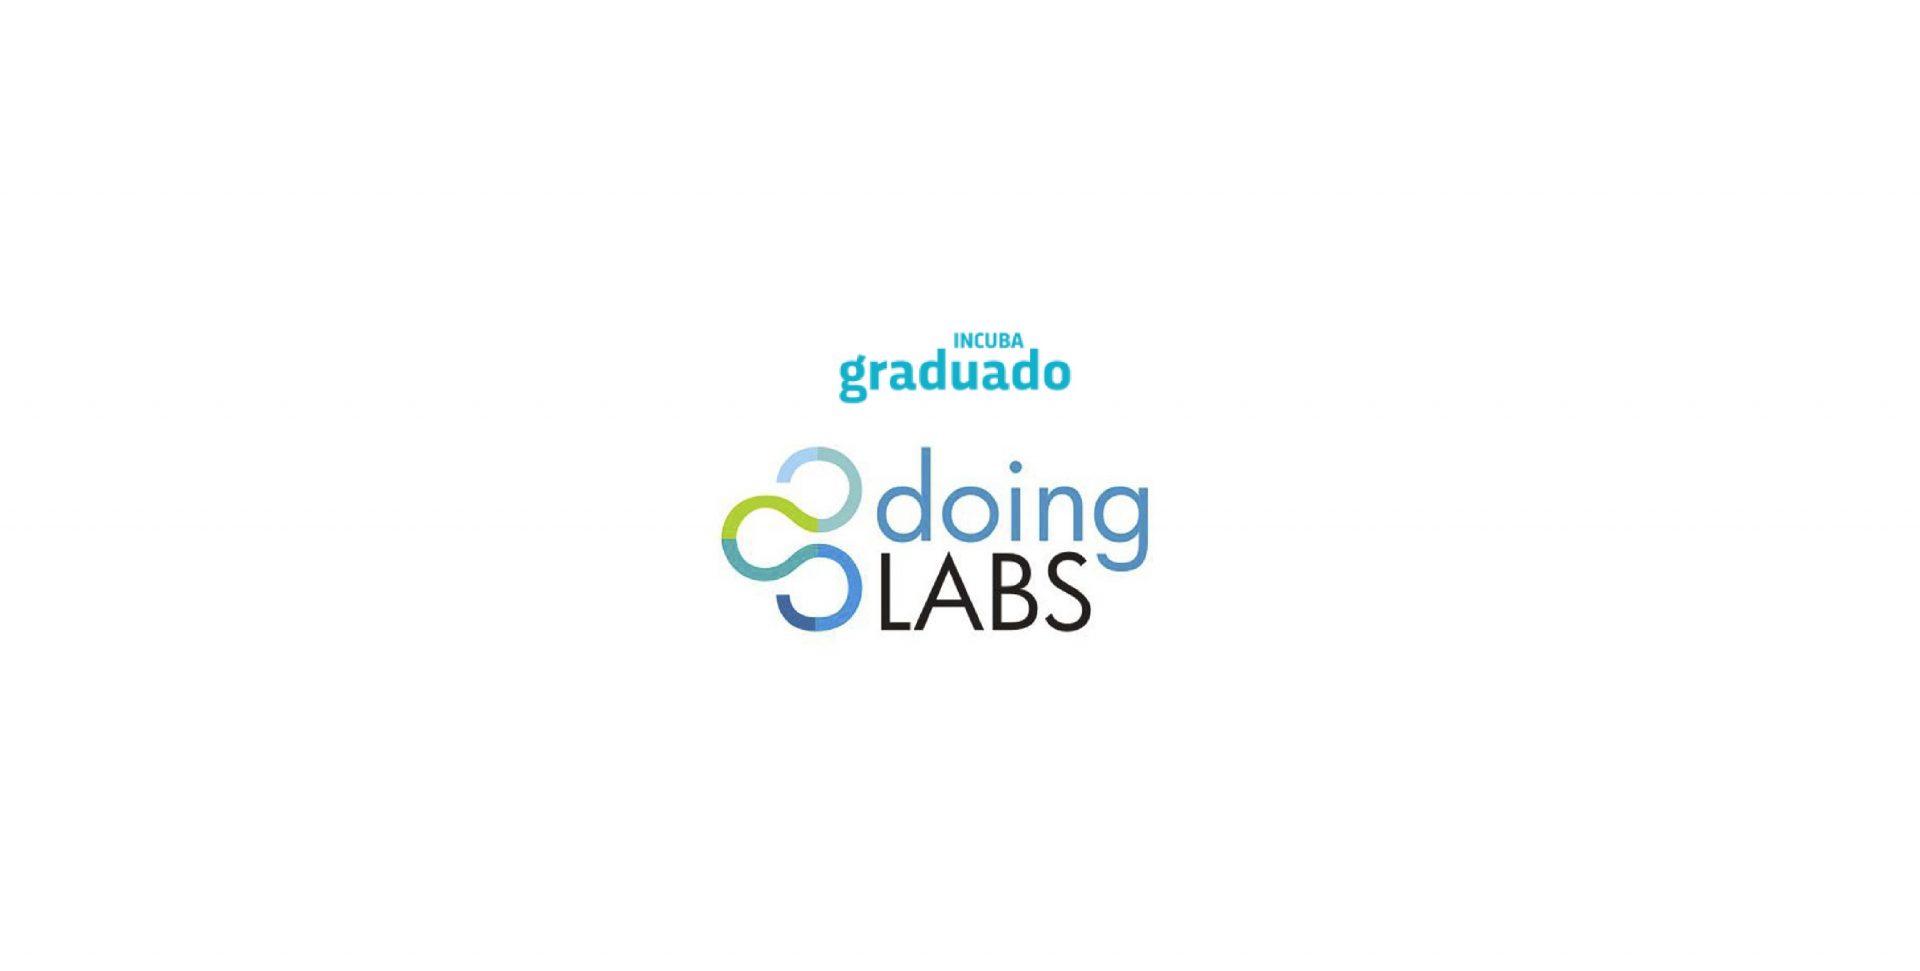 """doingLABS: una incubadora """"graduada"""""""